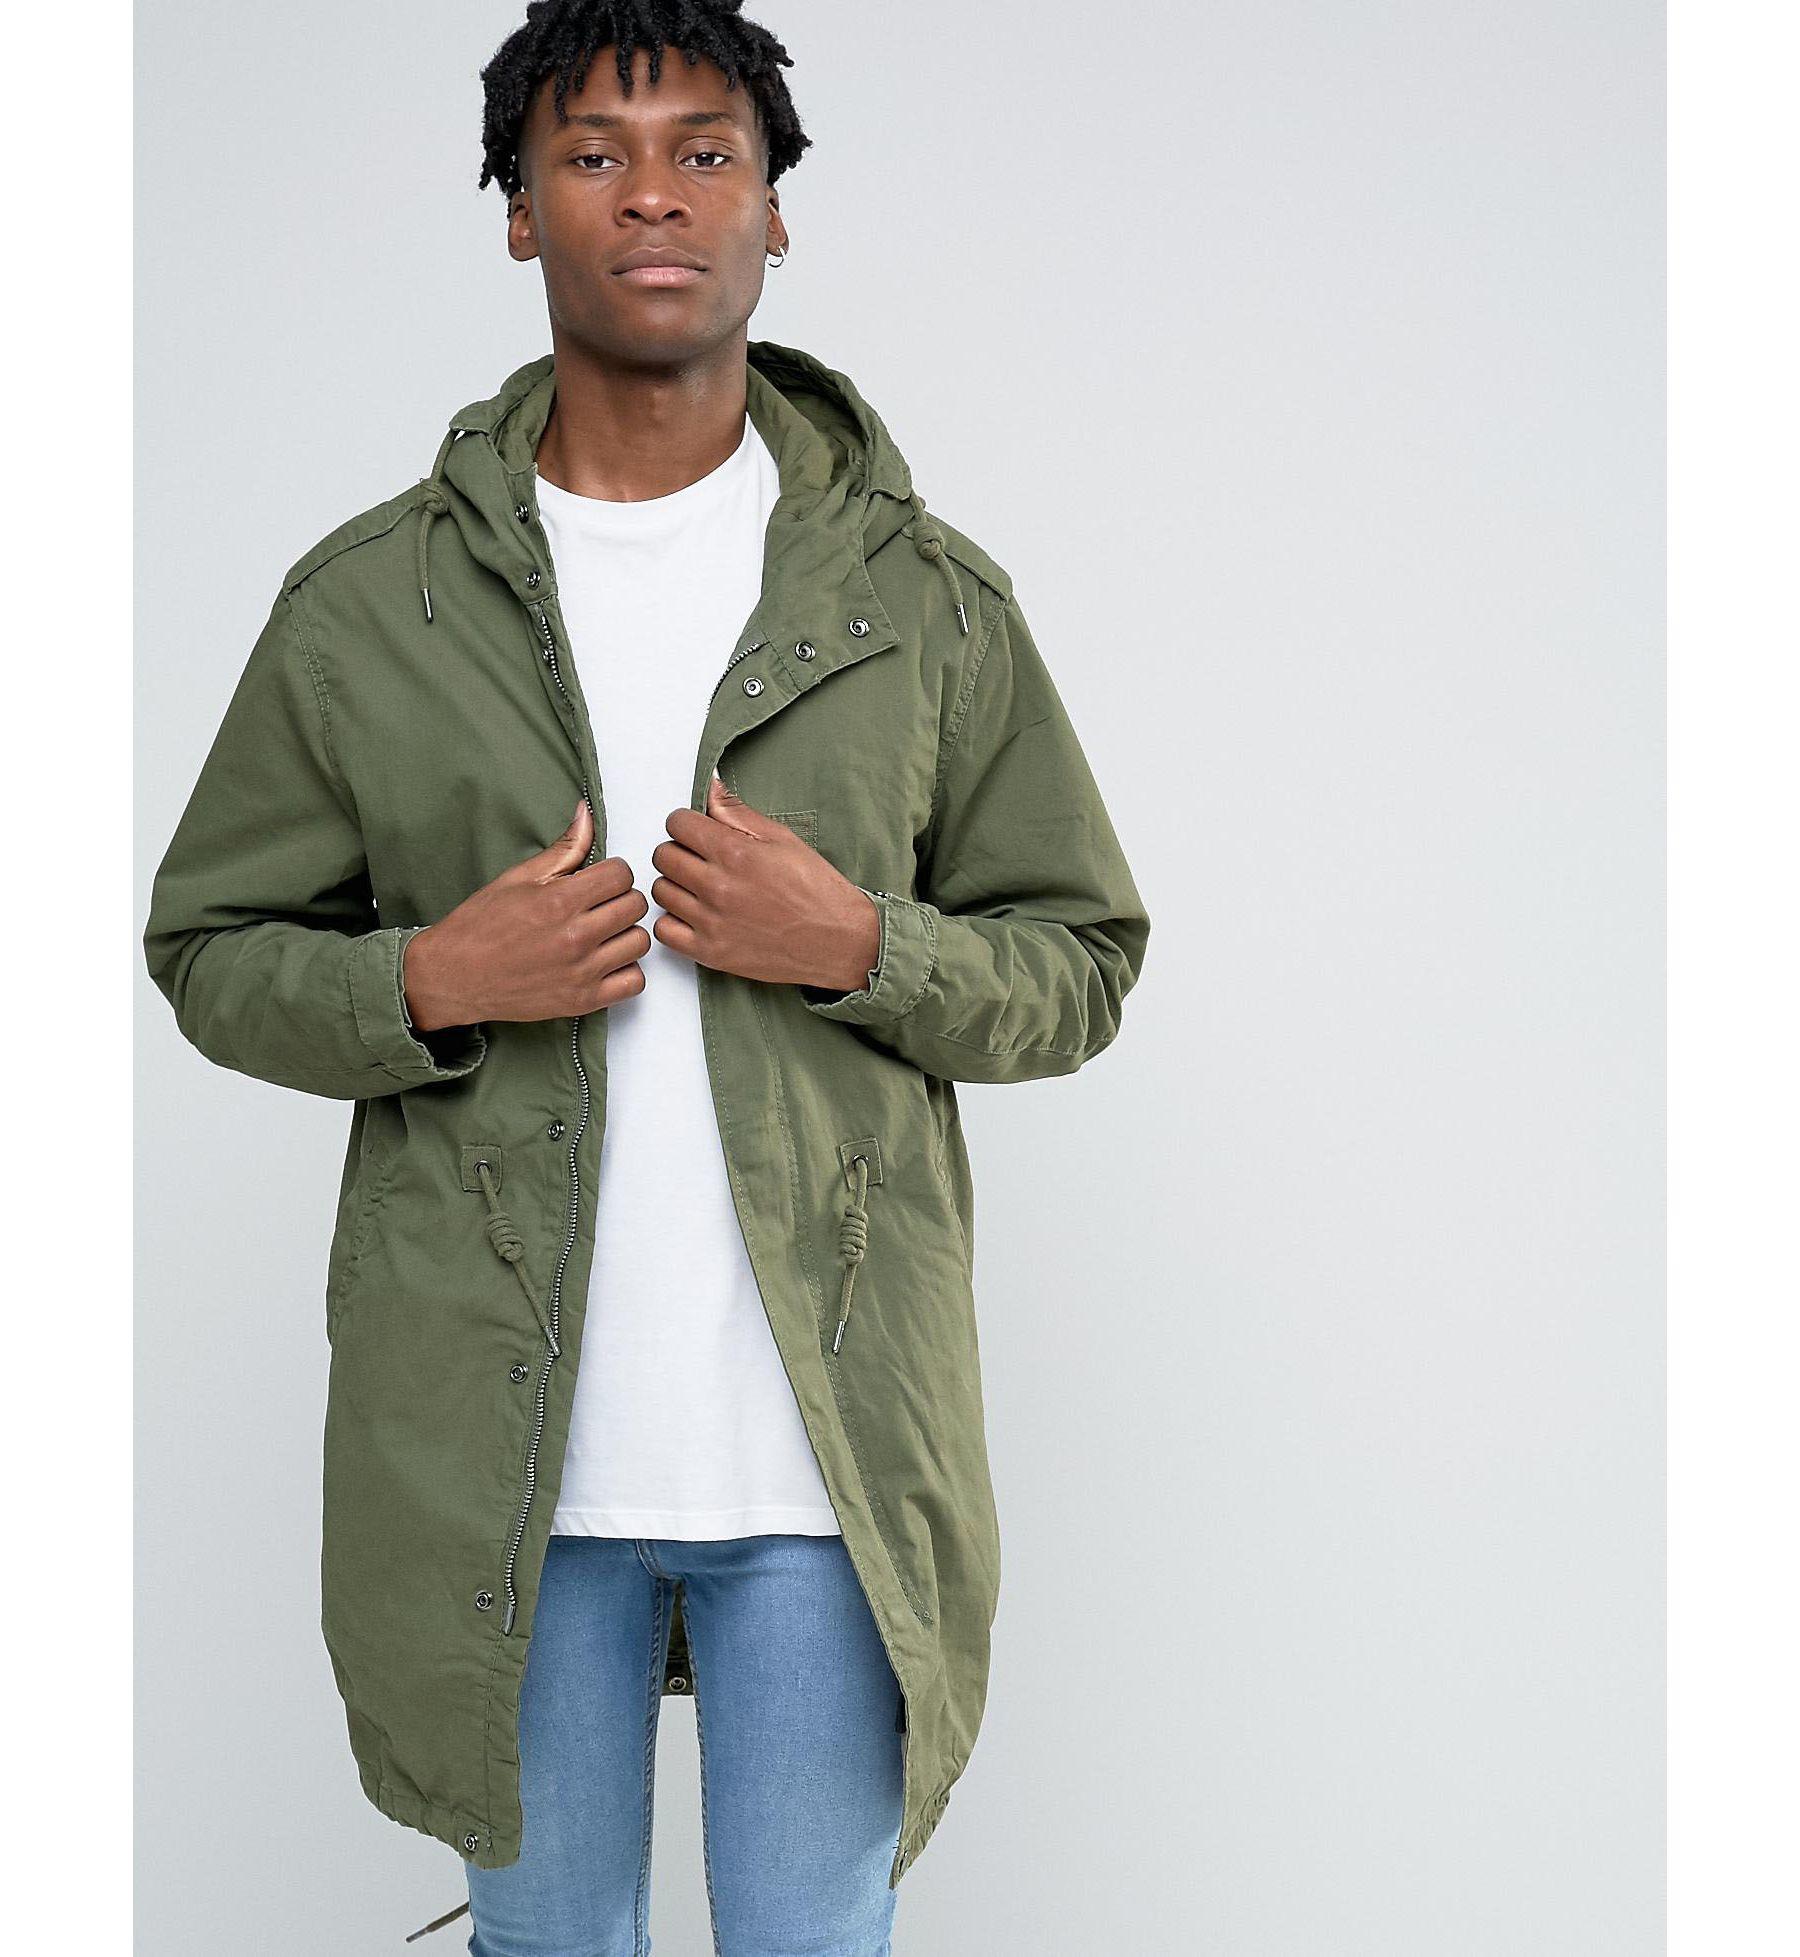 Pull&bear Parka Jacket In Khaki in Green for Men | Lyst